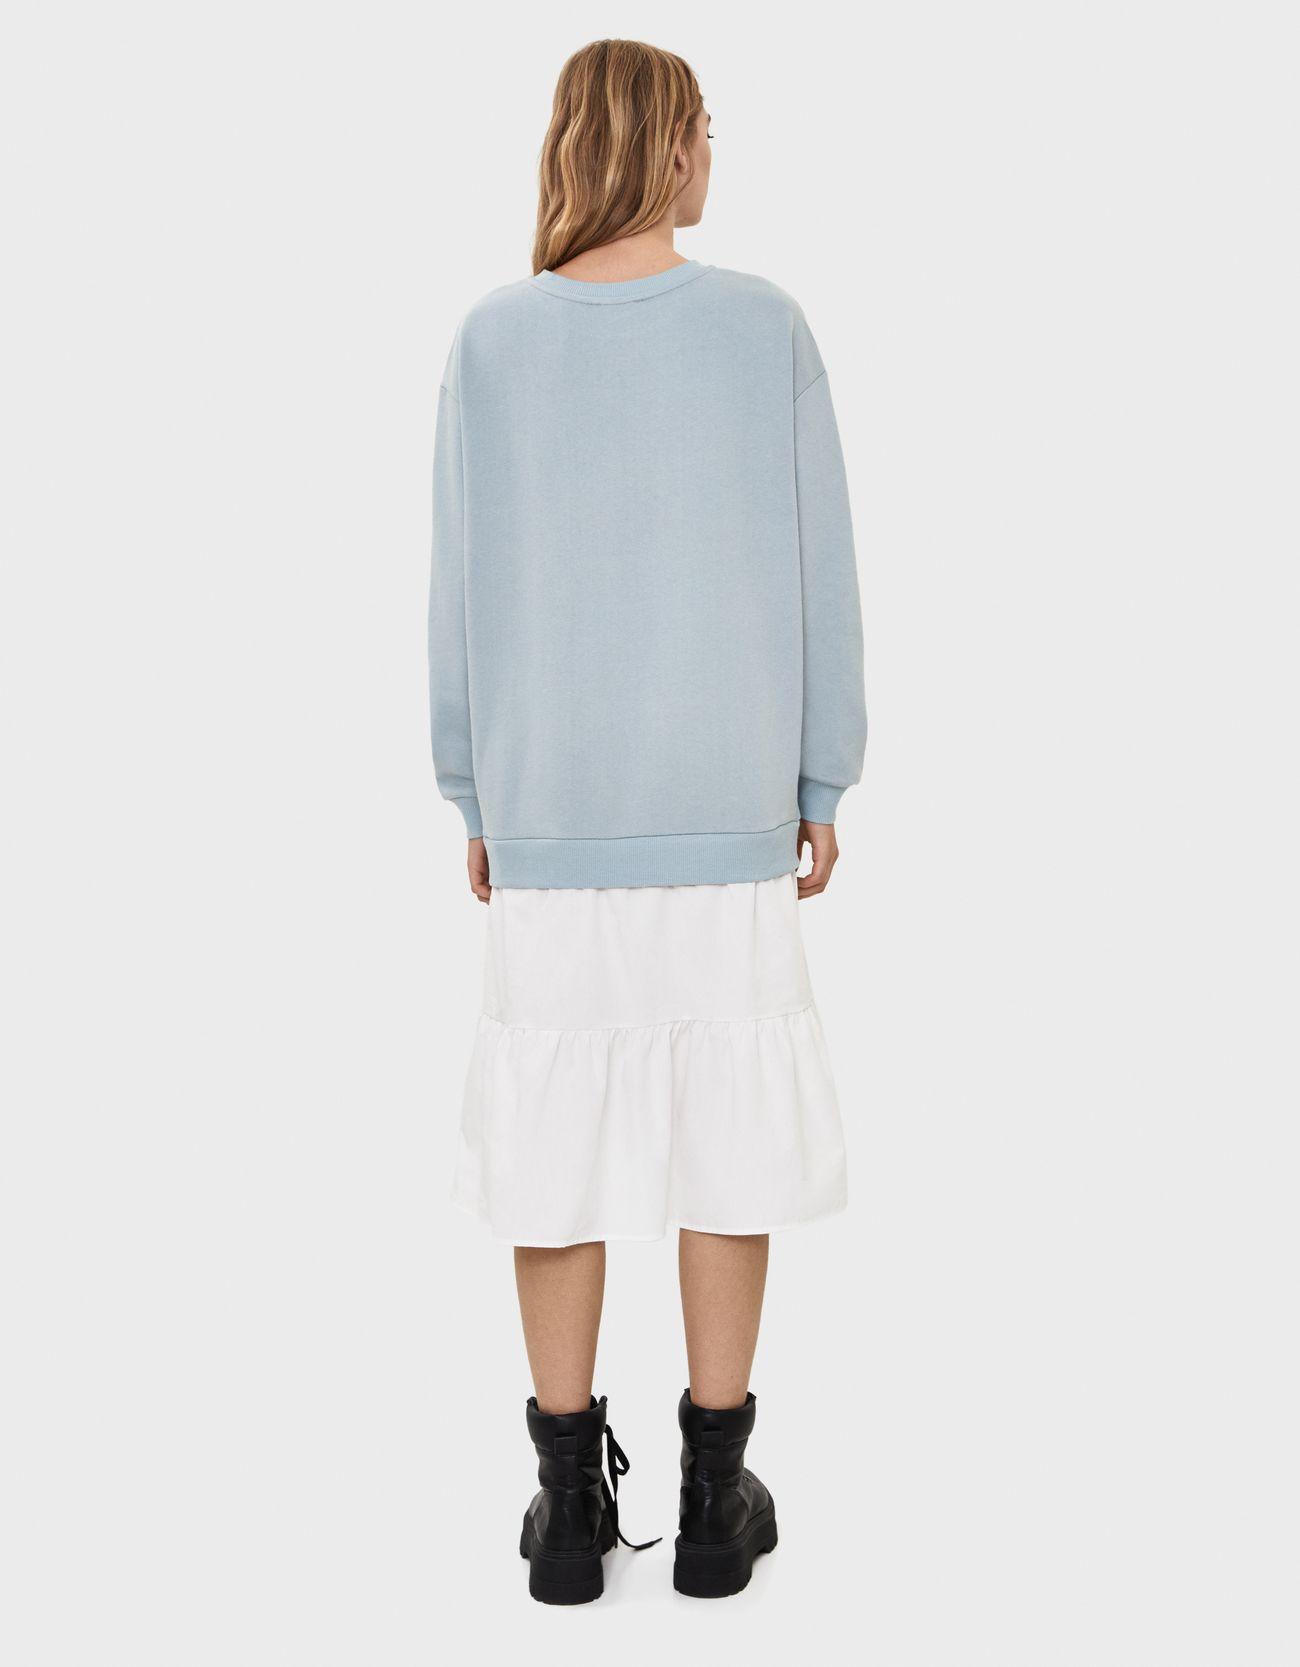 Платье из мягкой ткани с юбкой из поплина ГОЛУБОЙ Bershka